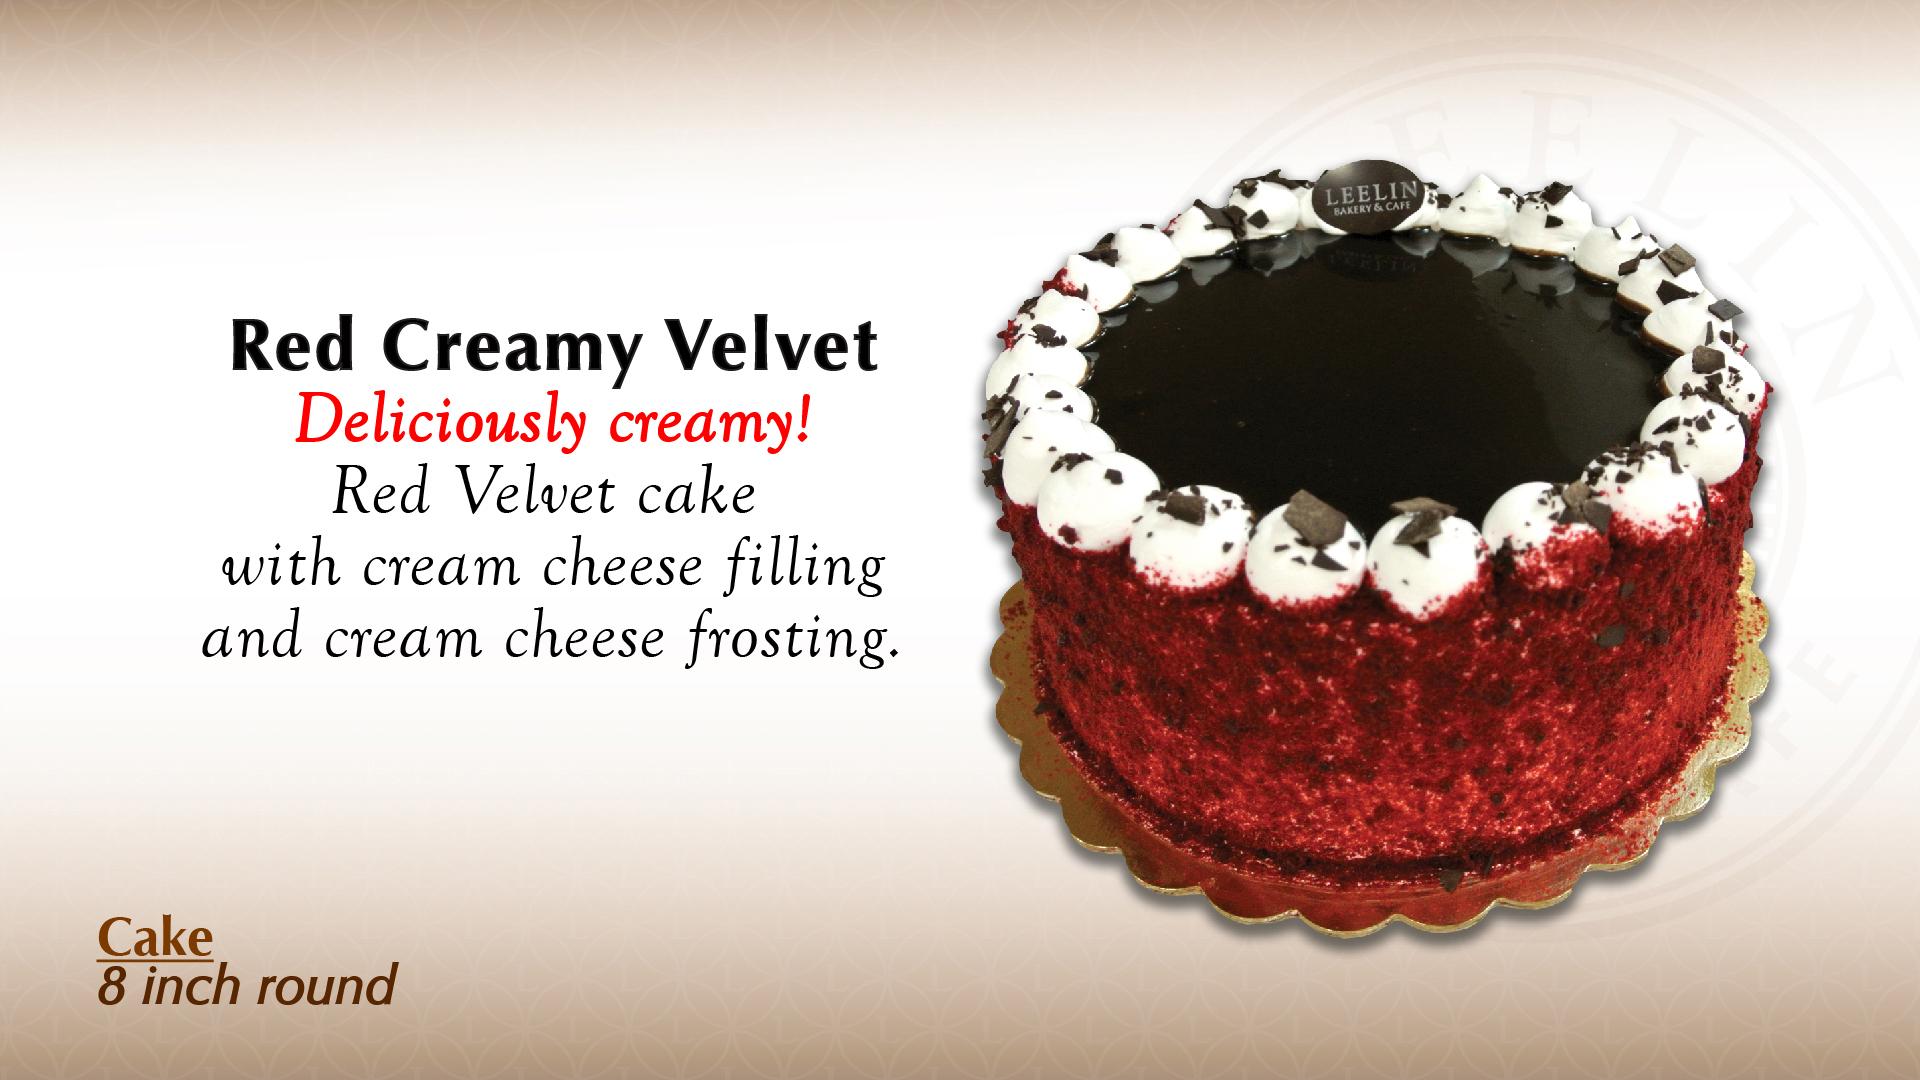 038 Red Creamy Velvet 1920x1080.jpg